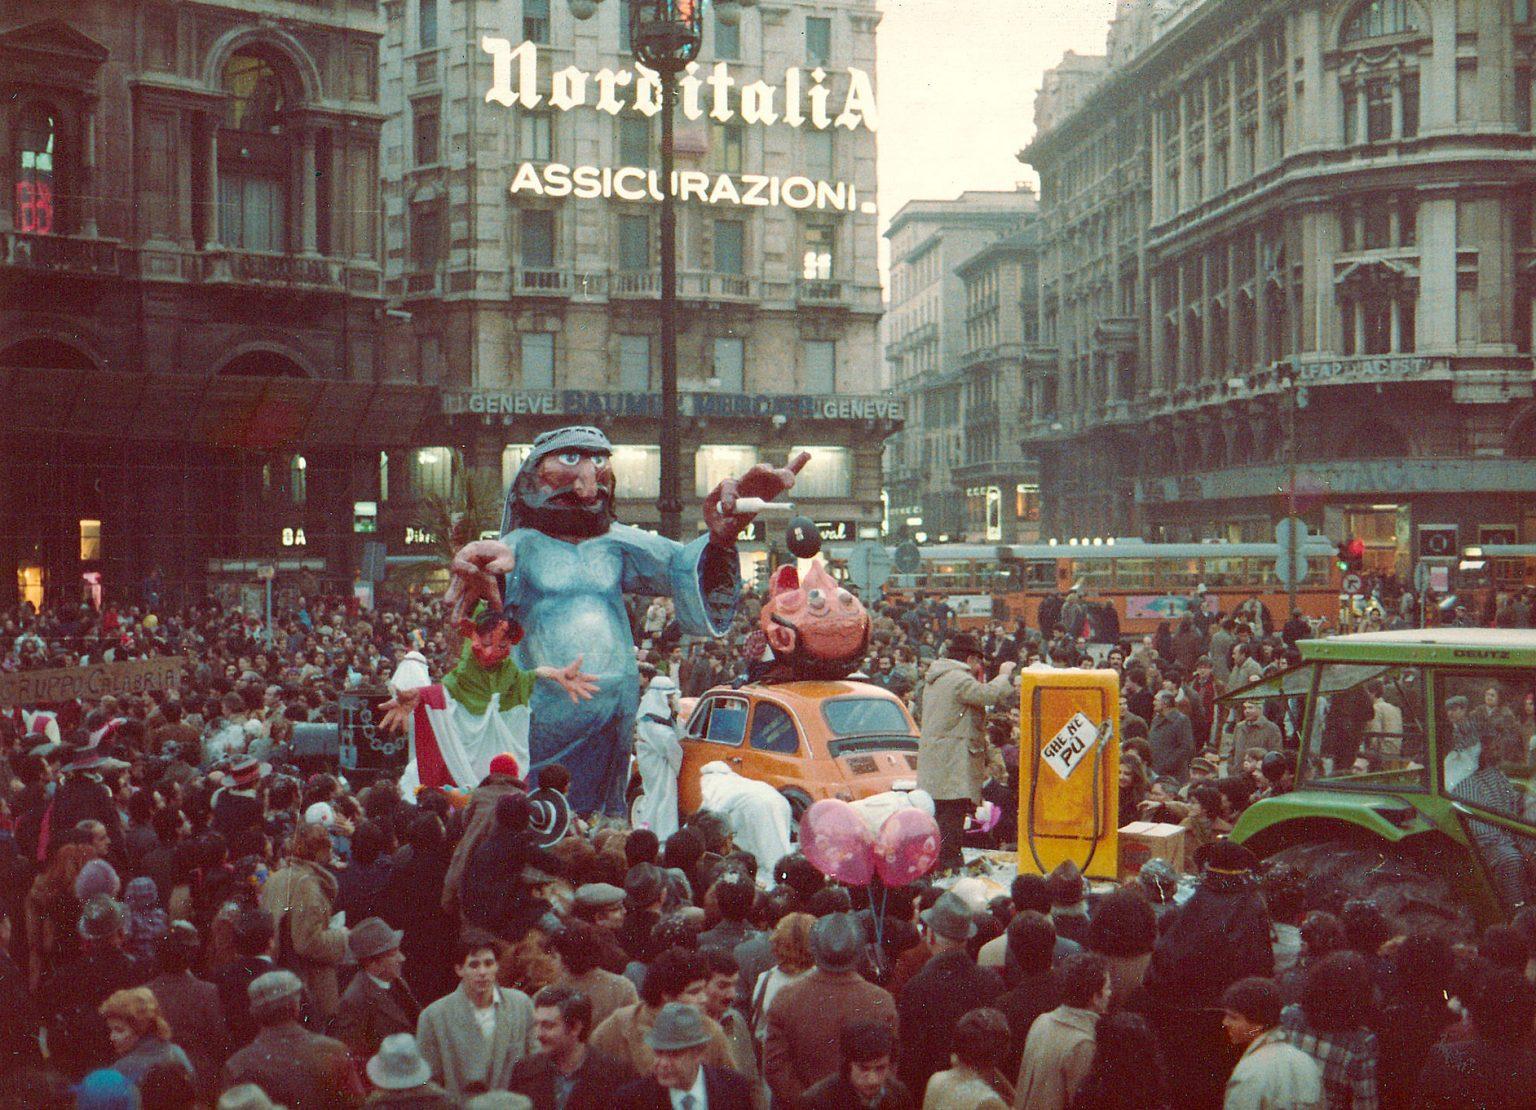 Piazza Duomo 1980, Carnevale Ambrosiano, sfilata di carri. (fonte immagine: web bollateoggi)